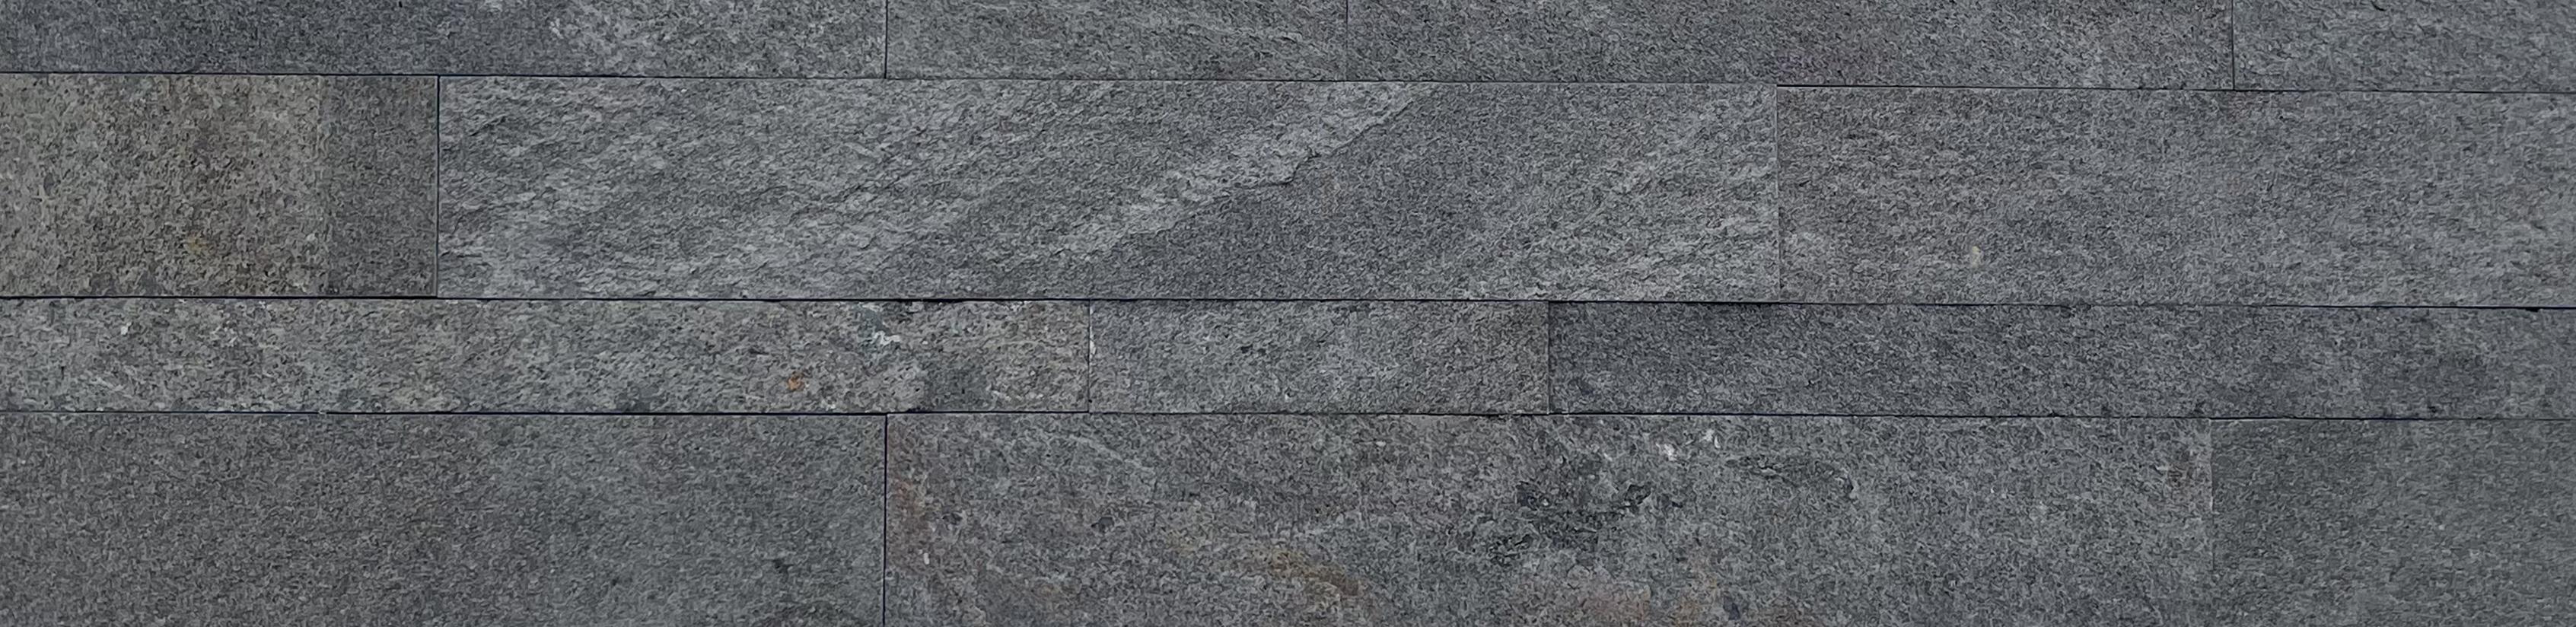 Wandverkleidung Dünnschiefer Columbia